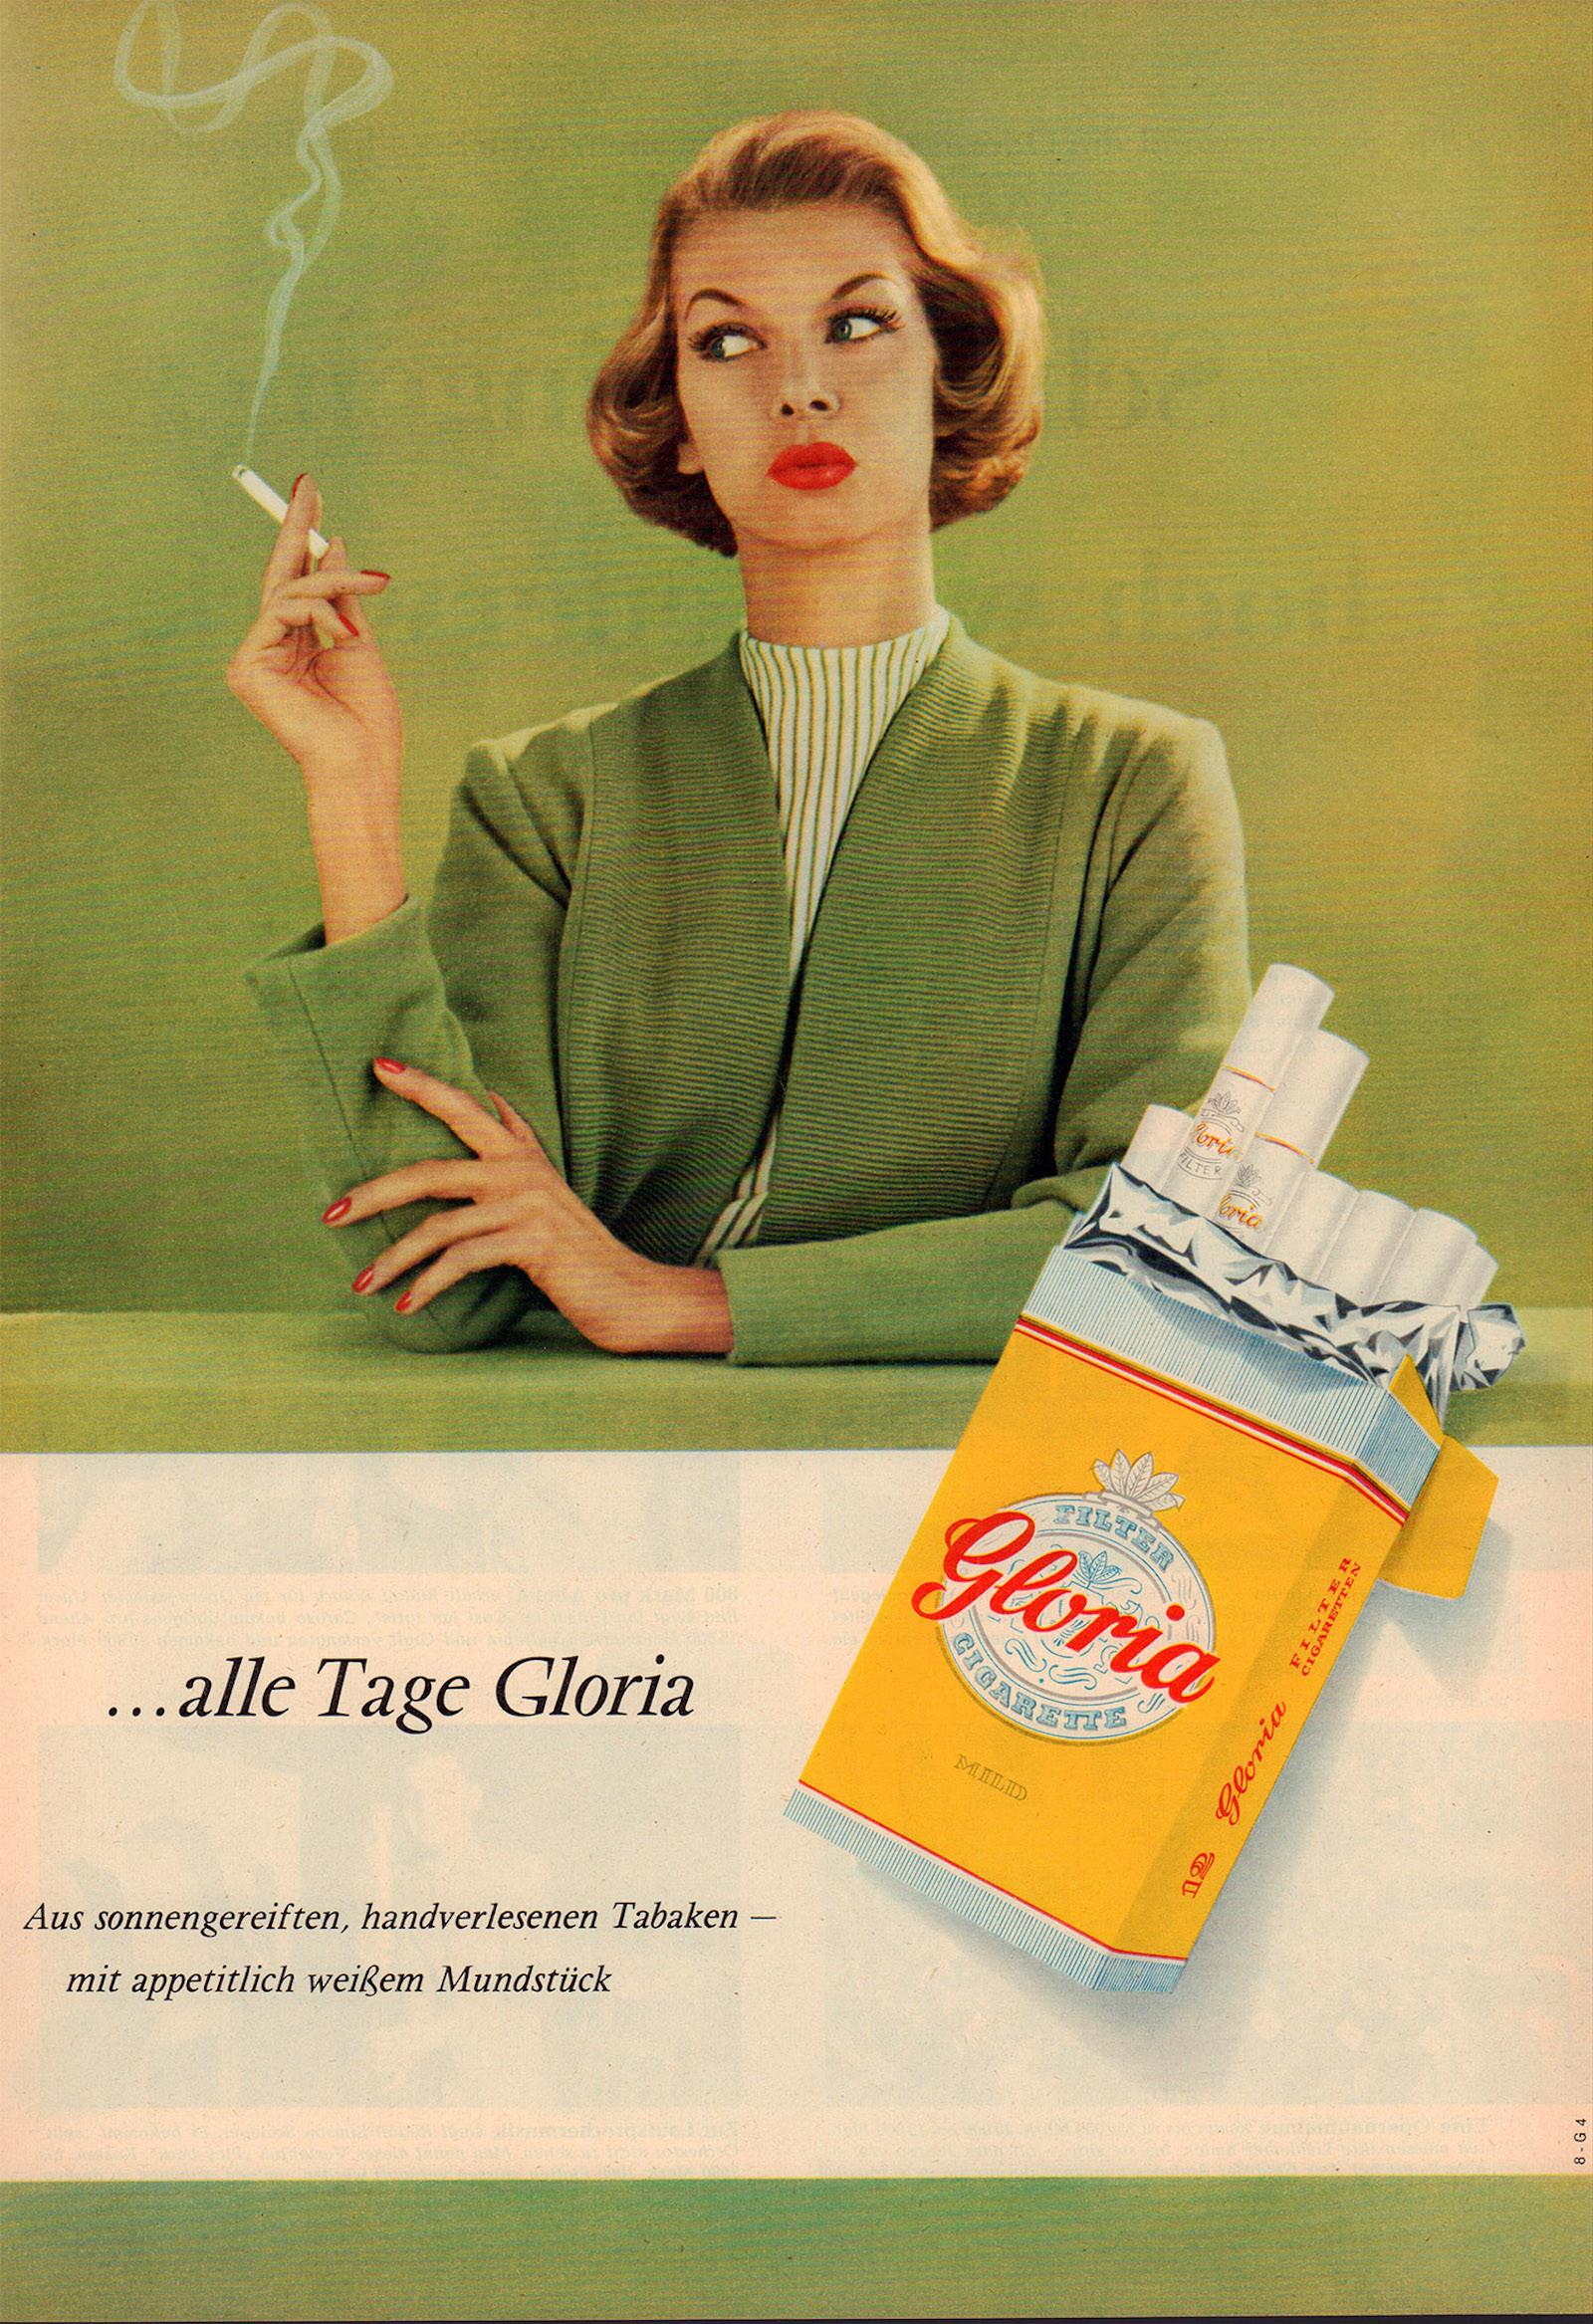 речной сигареты реклама картинки микроблоге регулярно появляются